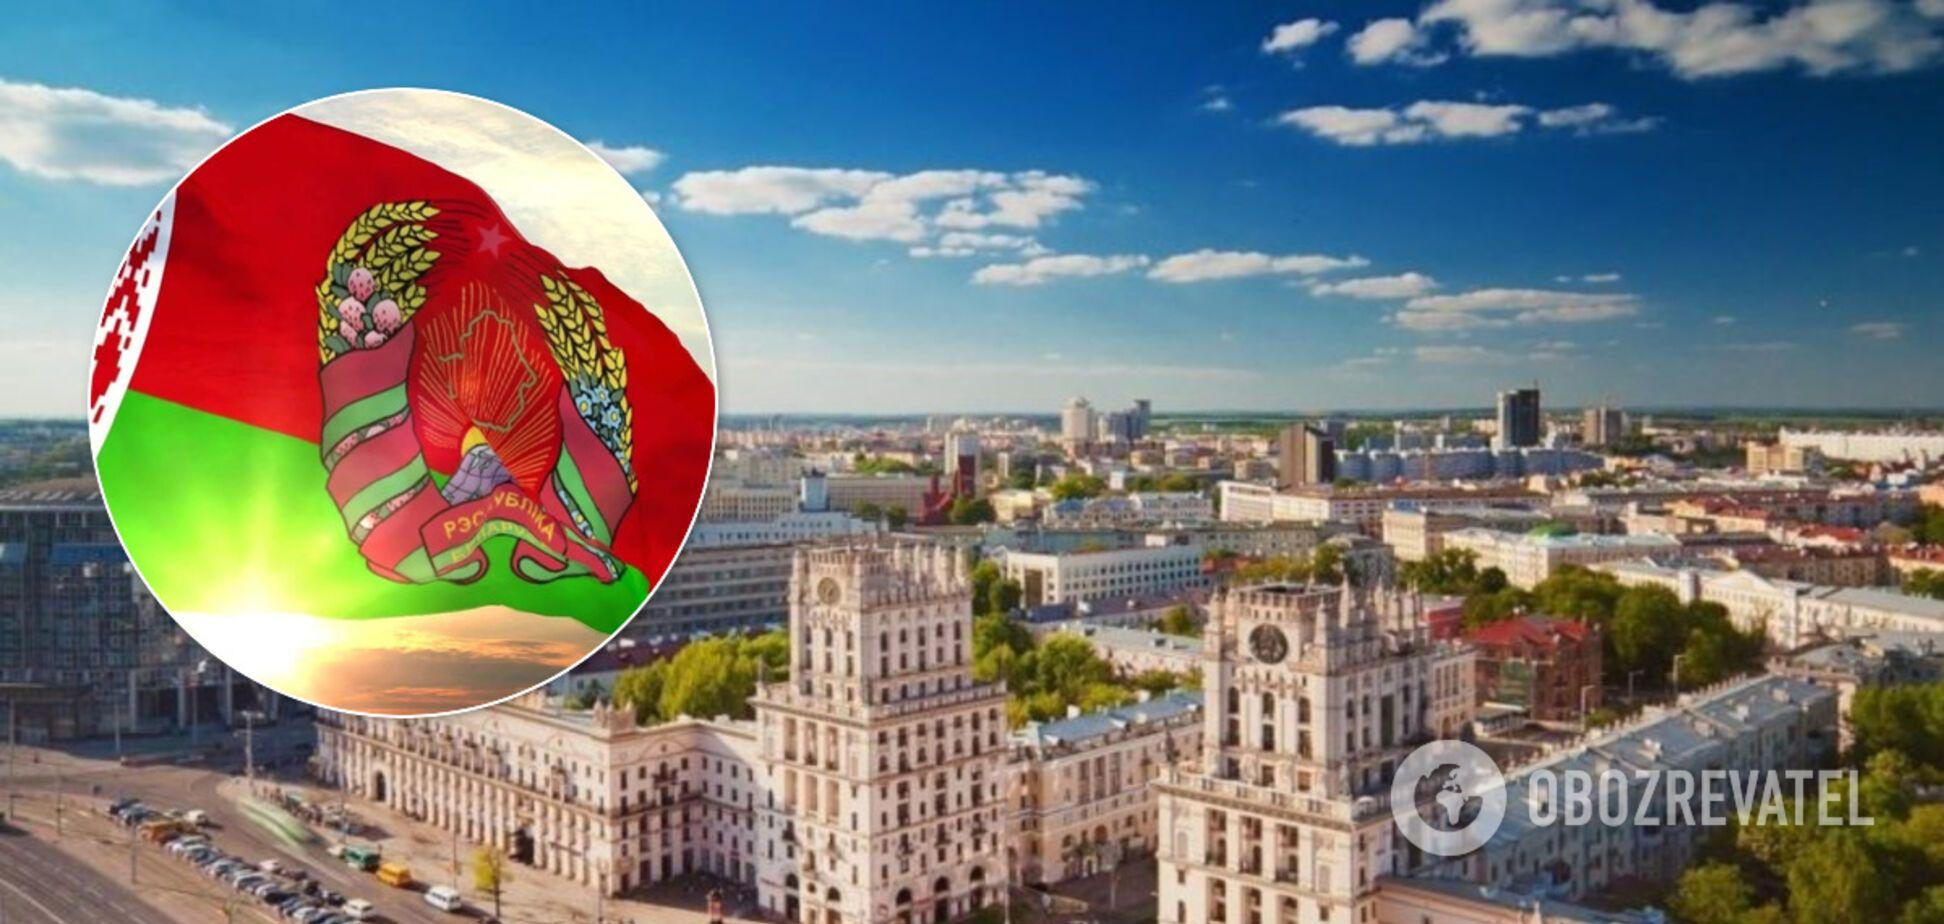 Курс на Европу: в Беларуси задумали убрать Россию с государственного герба